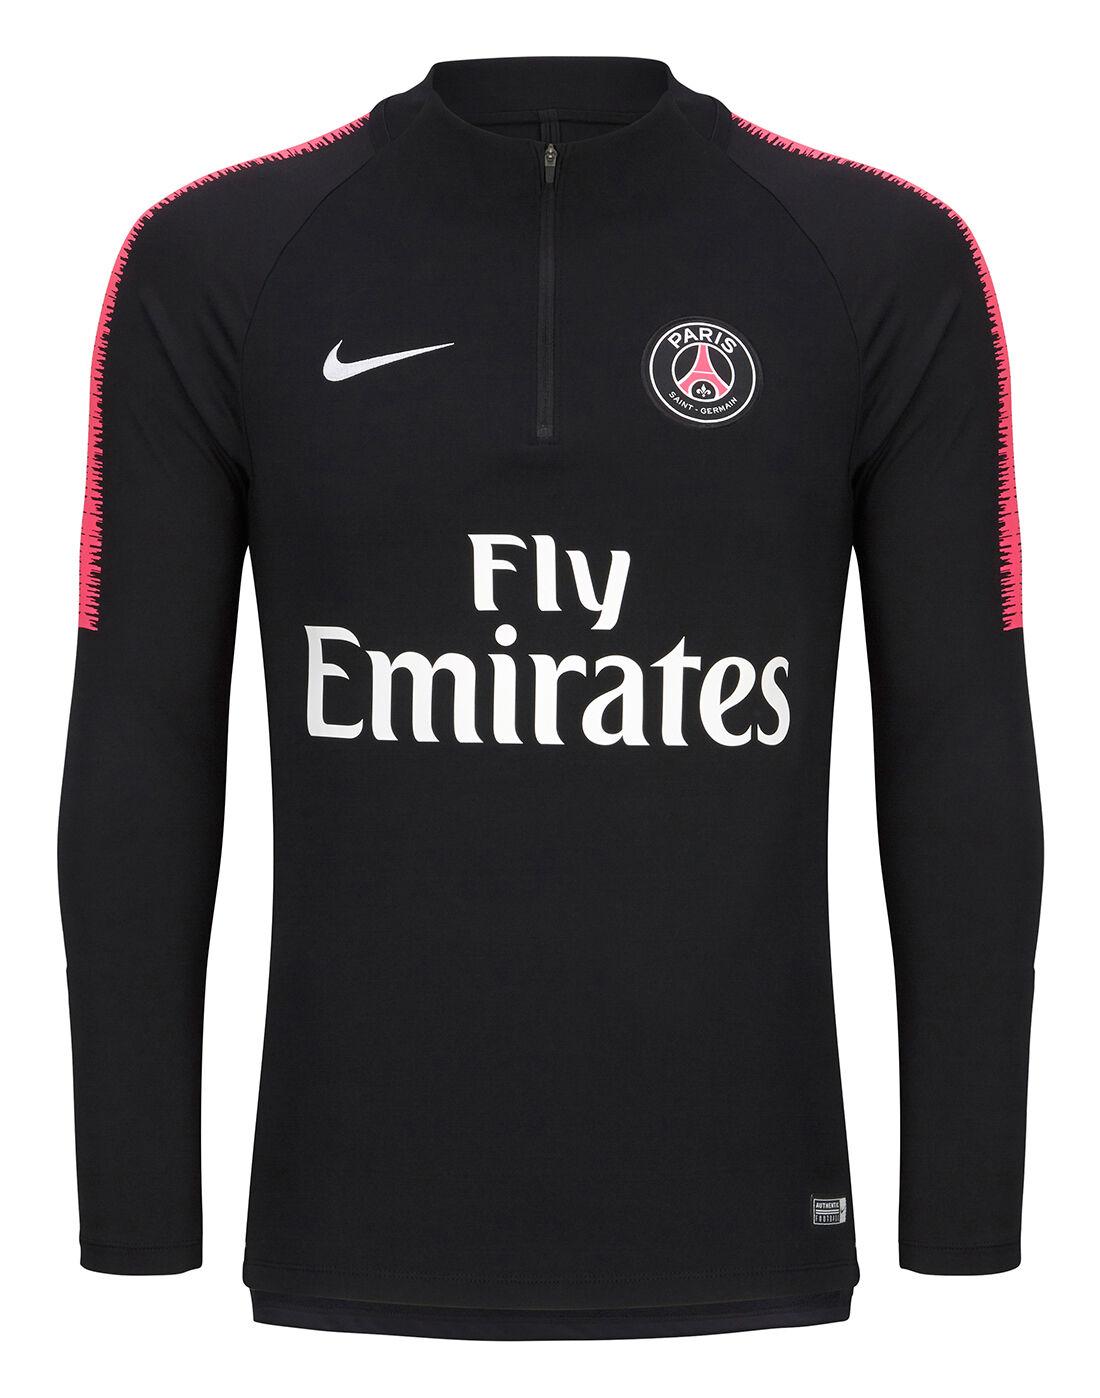 Pink PSG 1/4 Zip Training Top | Nike